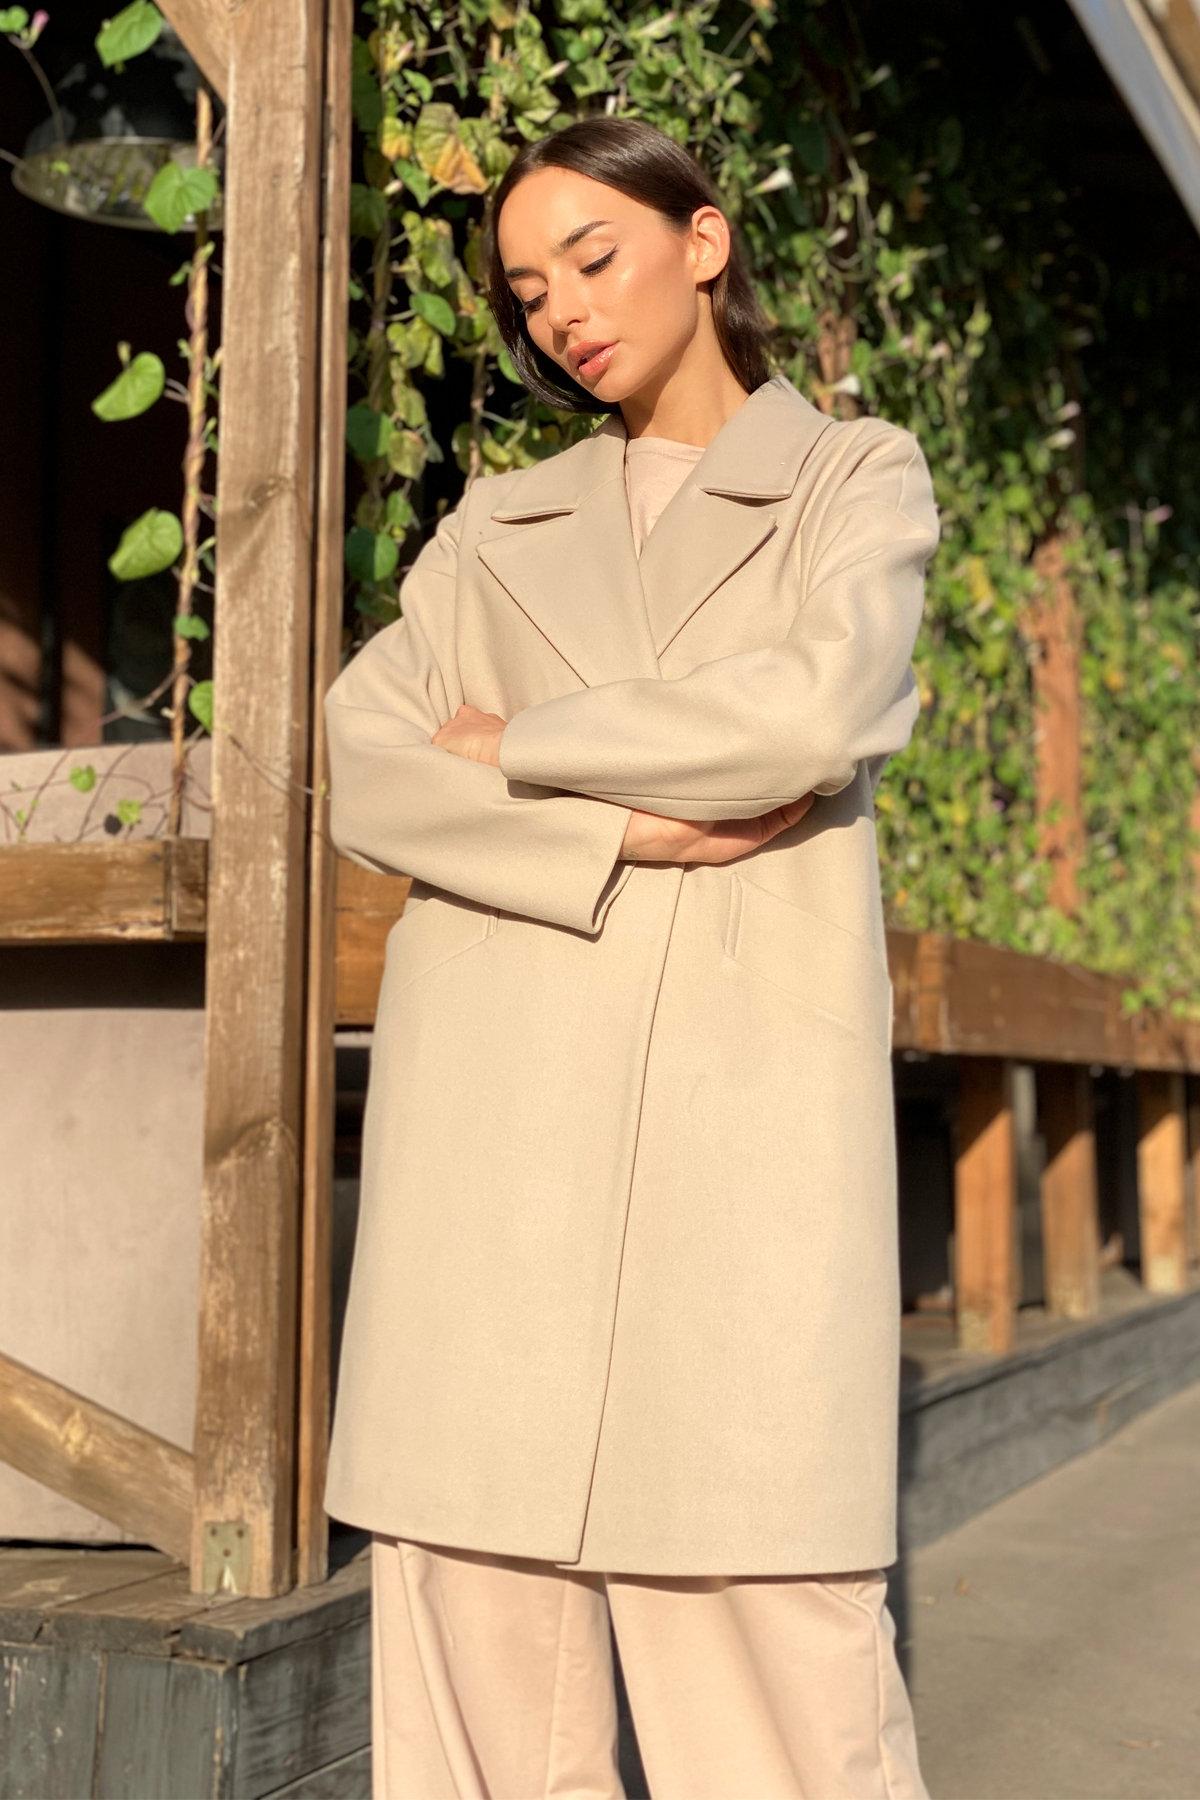 Пальто Сенсей 9006 АРТ. 45312 Цвет: Бежевый - фото 2, интернет магазин tm-modus.ru